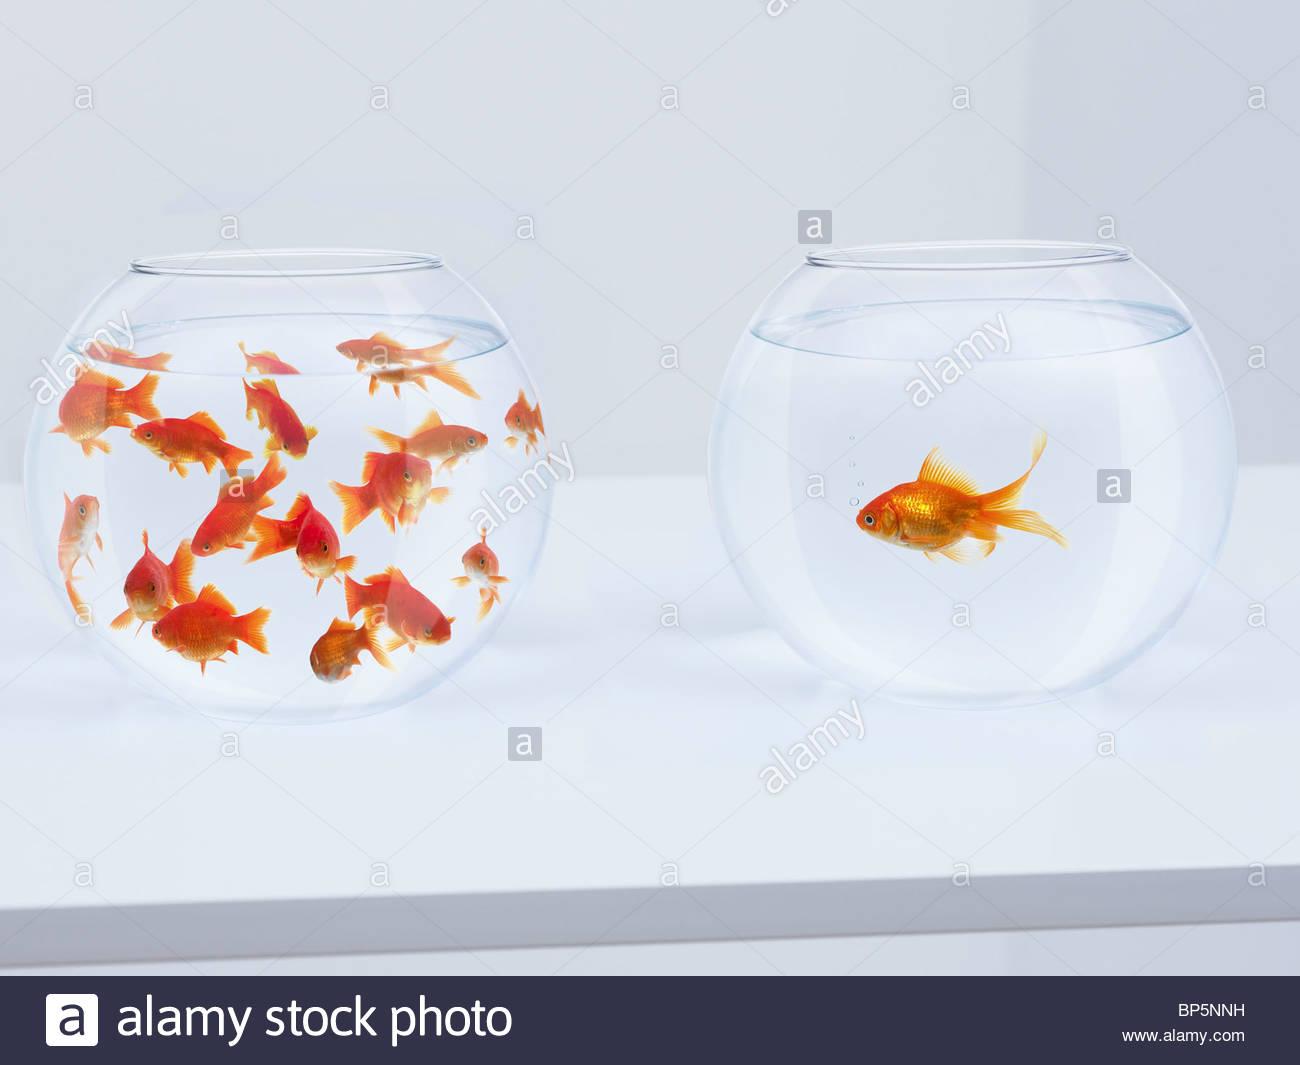 Kontrast von vielen Goldfisch im Goldfischglas und einsame Goldfische in gegenüberliegenden Goldfischglas Stockbild